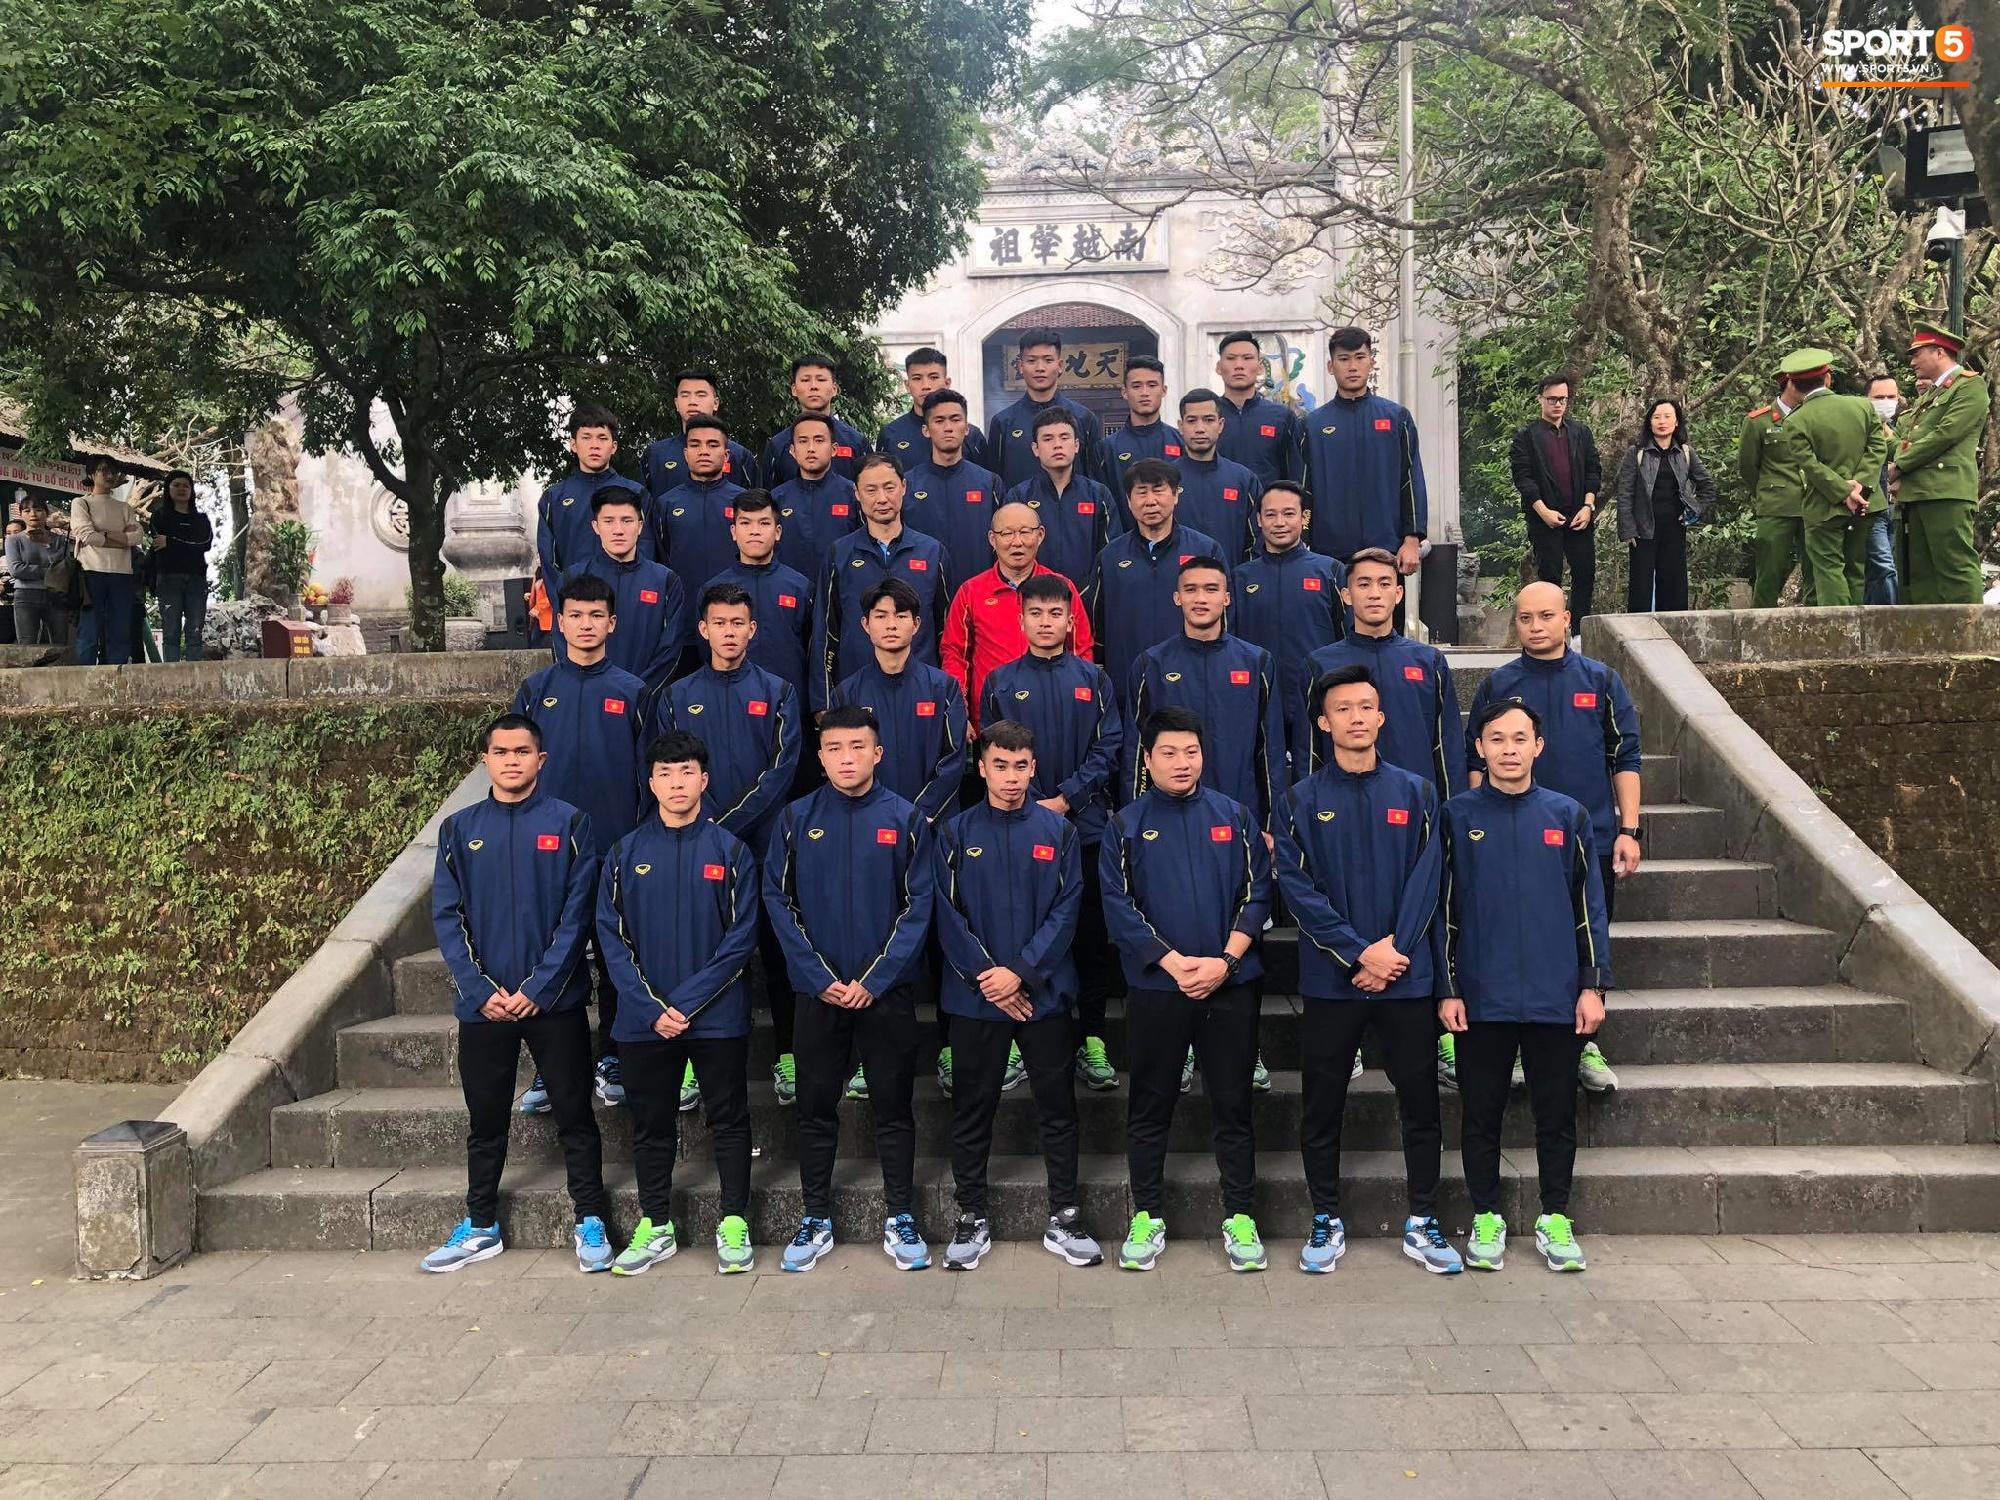 ĐT Việt Nam về thăm Đền Hùng, người hâm mộ vui mừng khi tình cờ gặp gỡ - Ảnh 5.